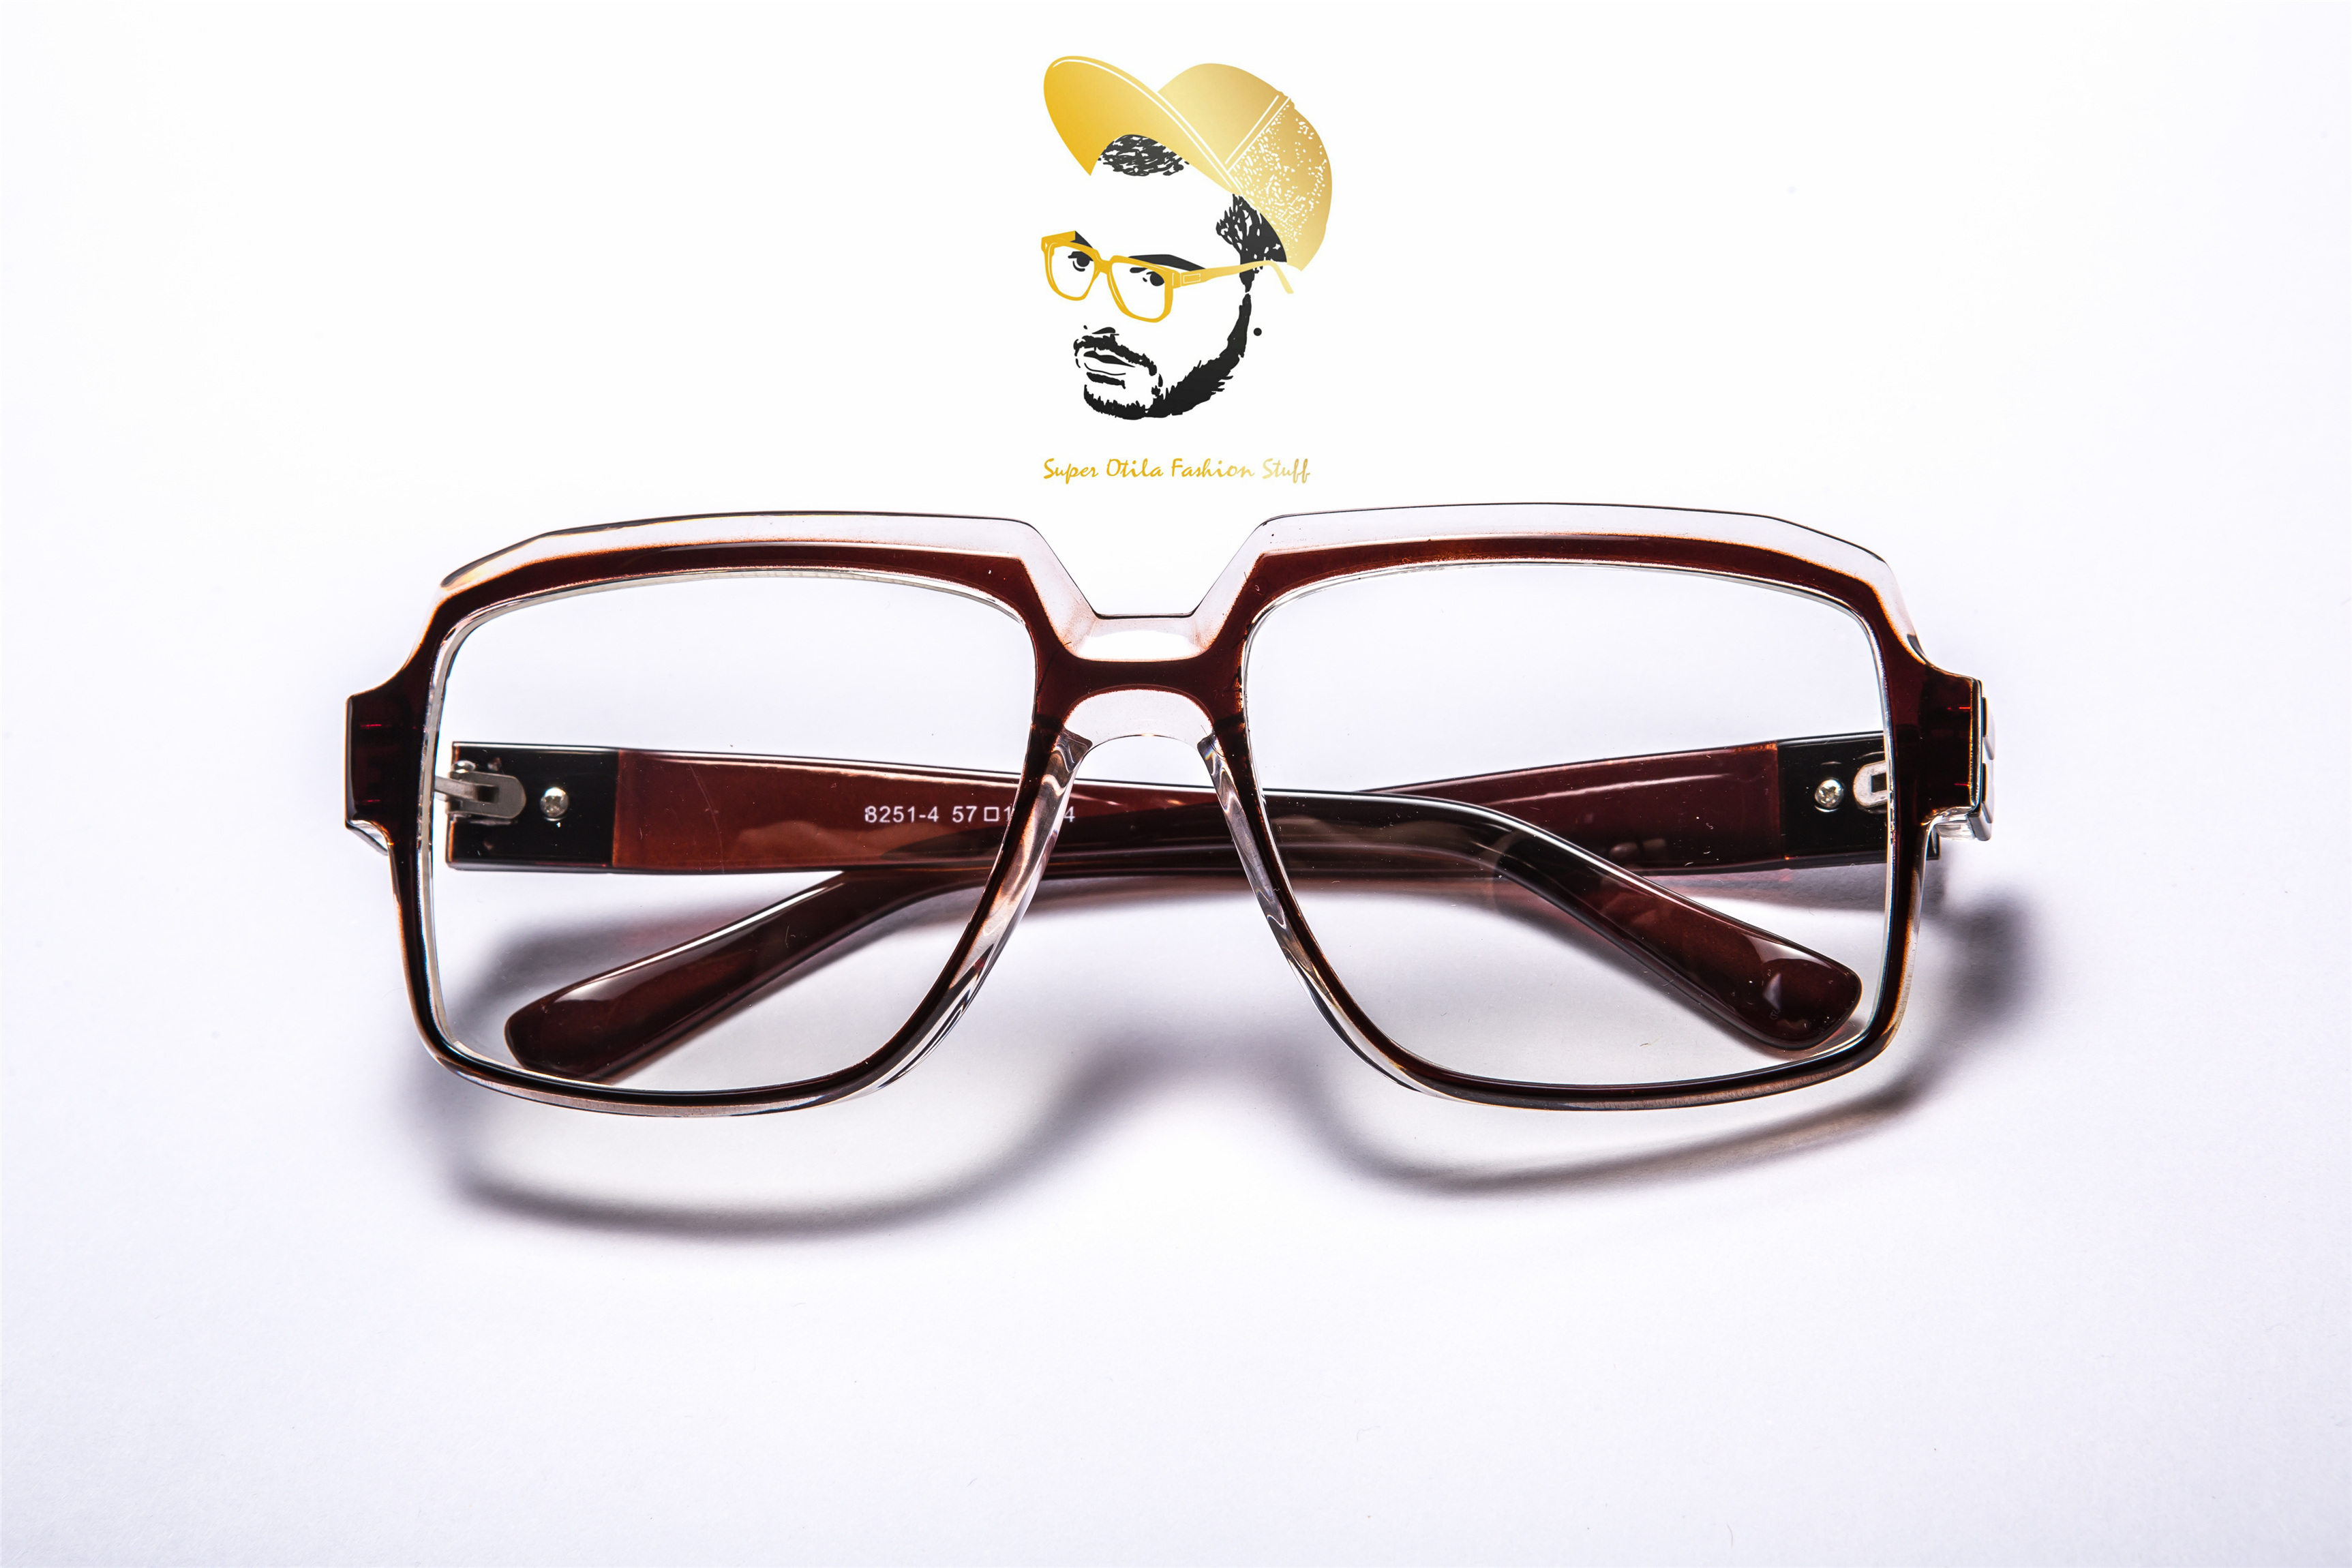 太陽眼鏡 墨鏡 眼鏡  韓國 super otila 【8251】厚實手感-眉骨框